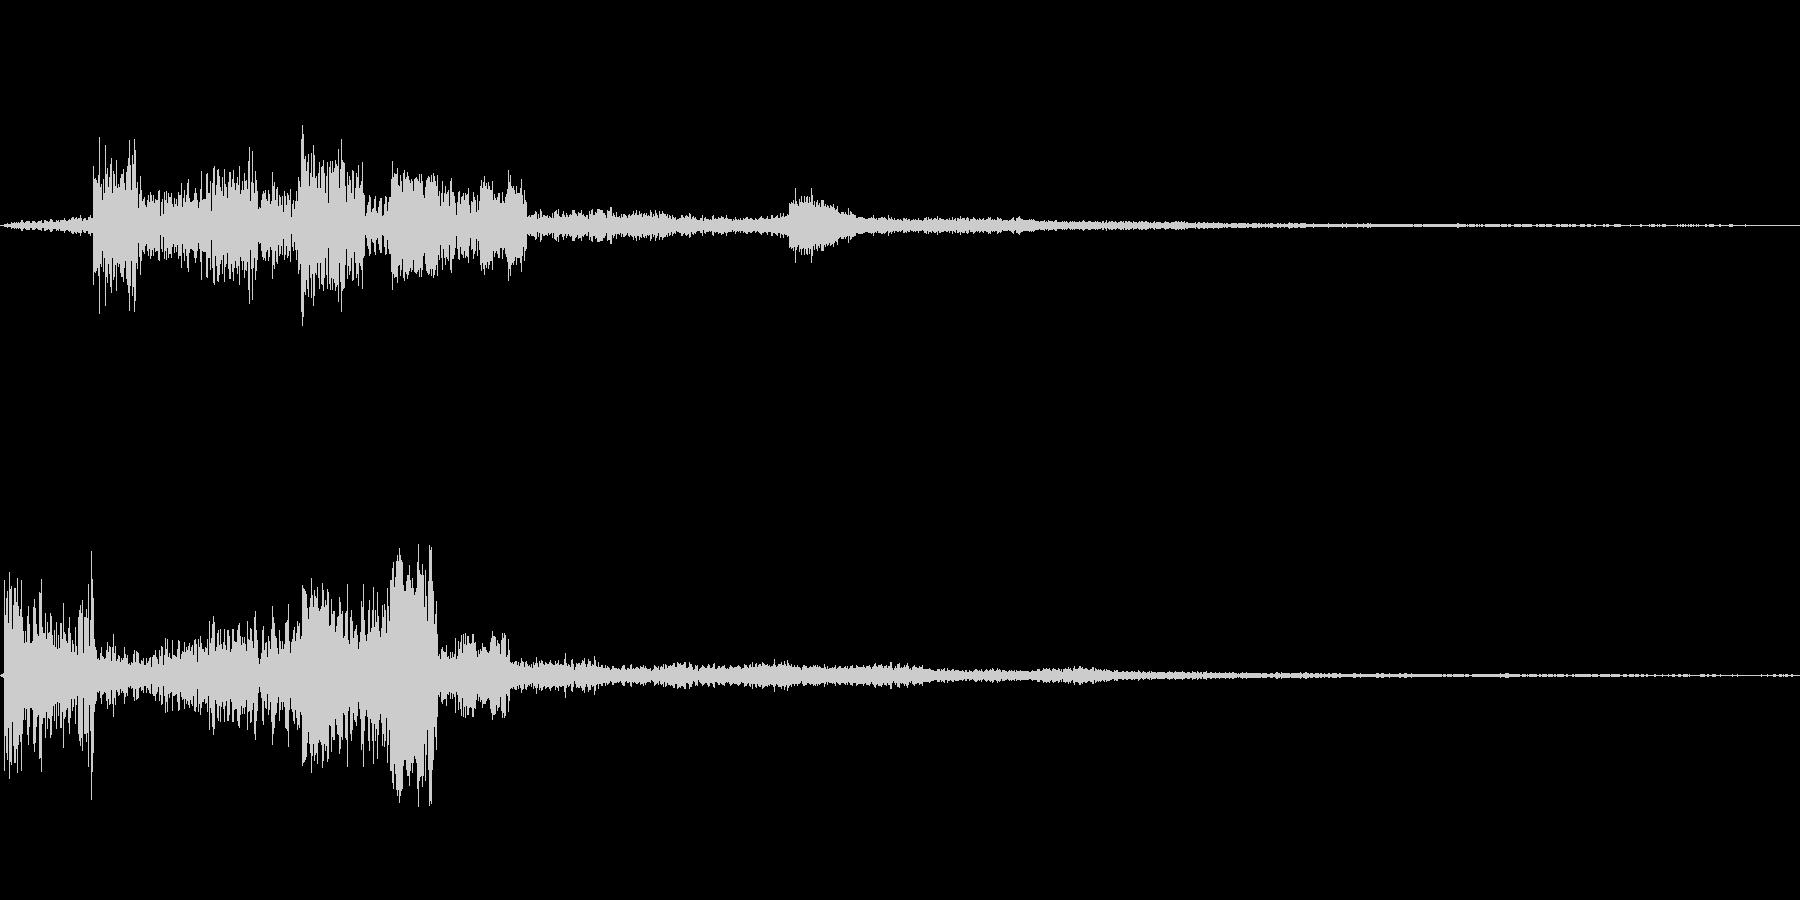 多彩に響くノイズ効果音の未再生の波形